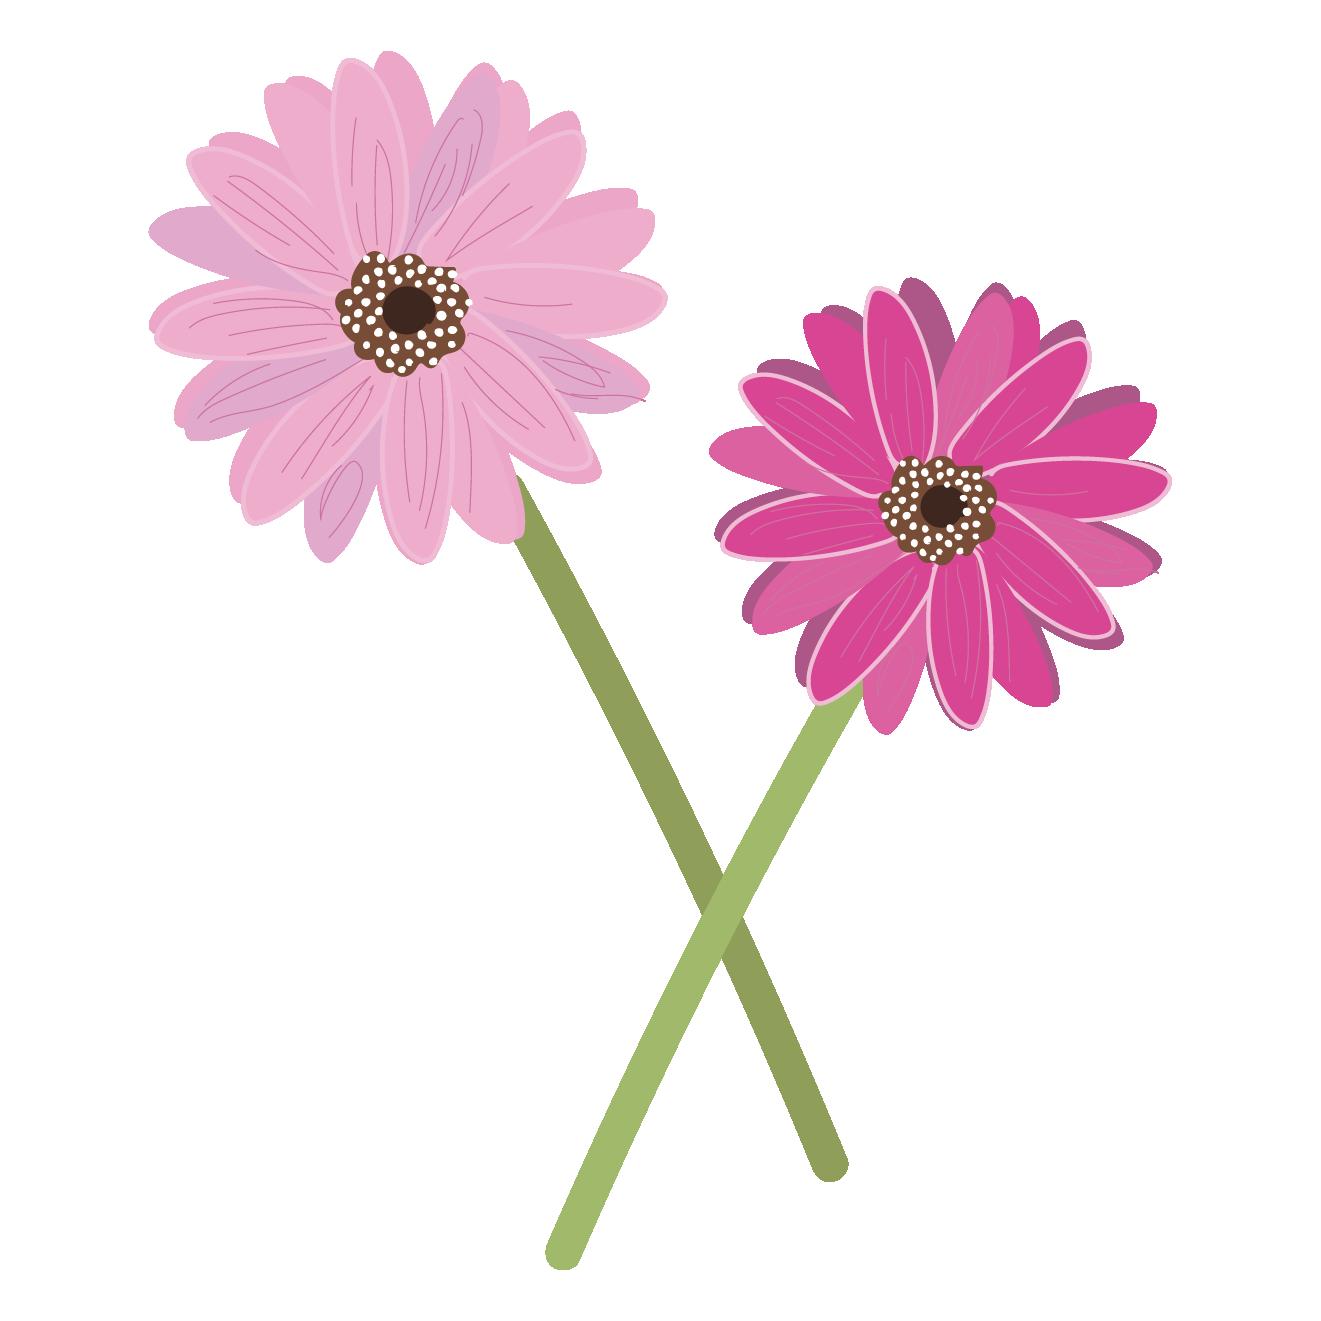 花かわいいガーベラの フリー イラスト 商用フリー無料のイラスト